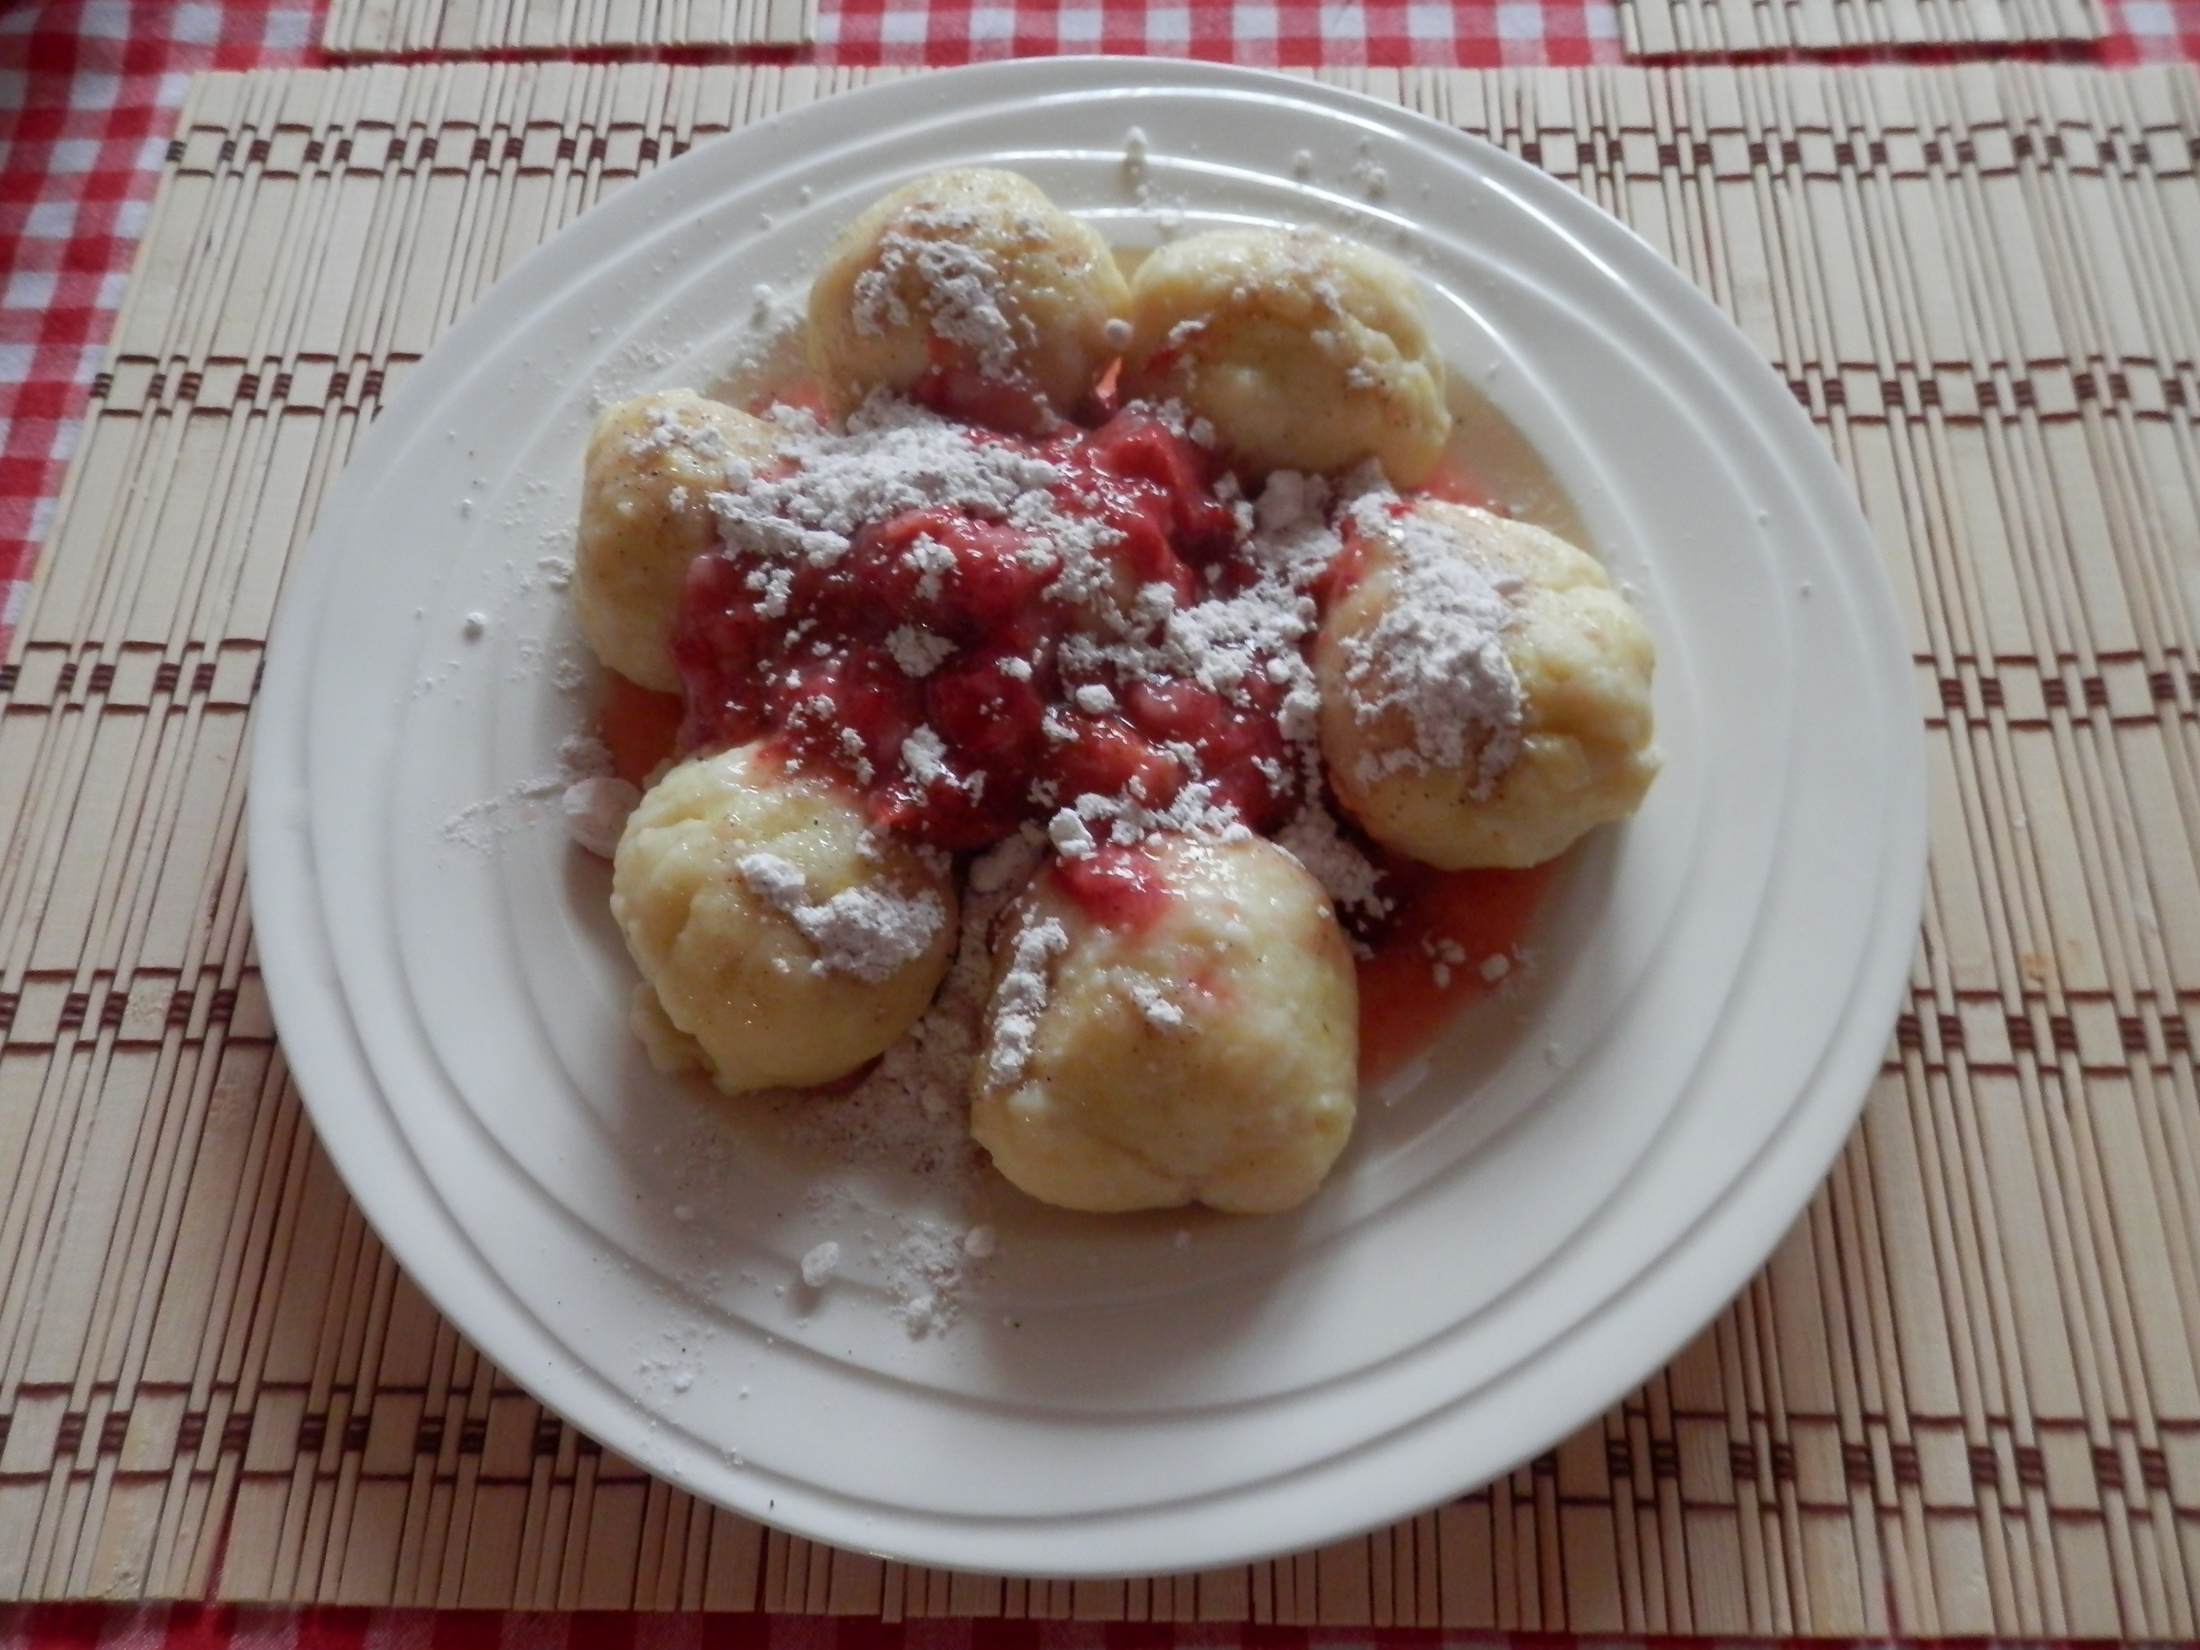 Recept Tvarohové knedlíky plněné ovocem - Knedlíky z tvarohového těsta.